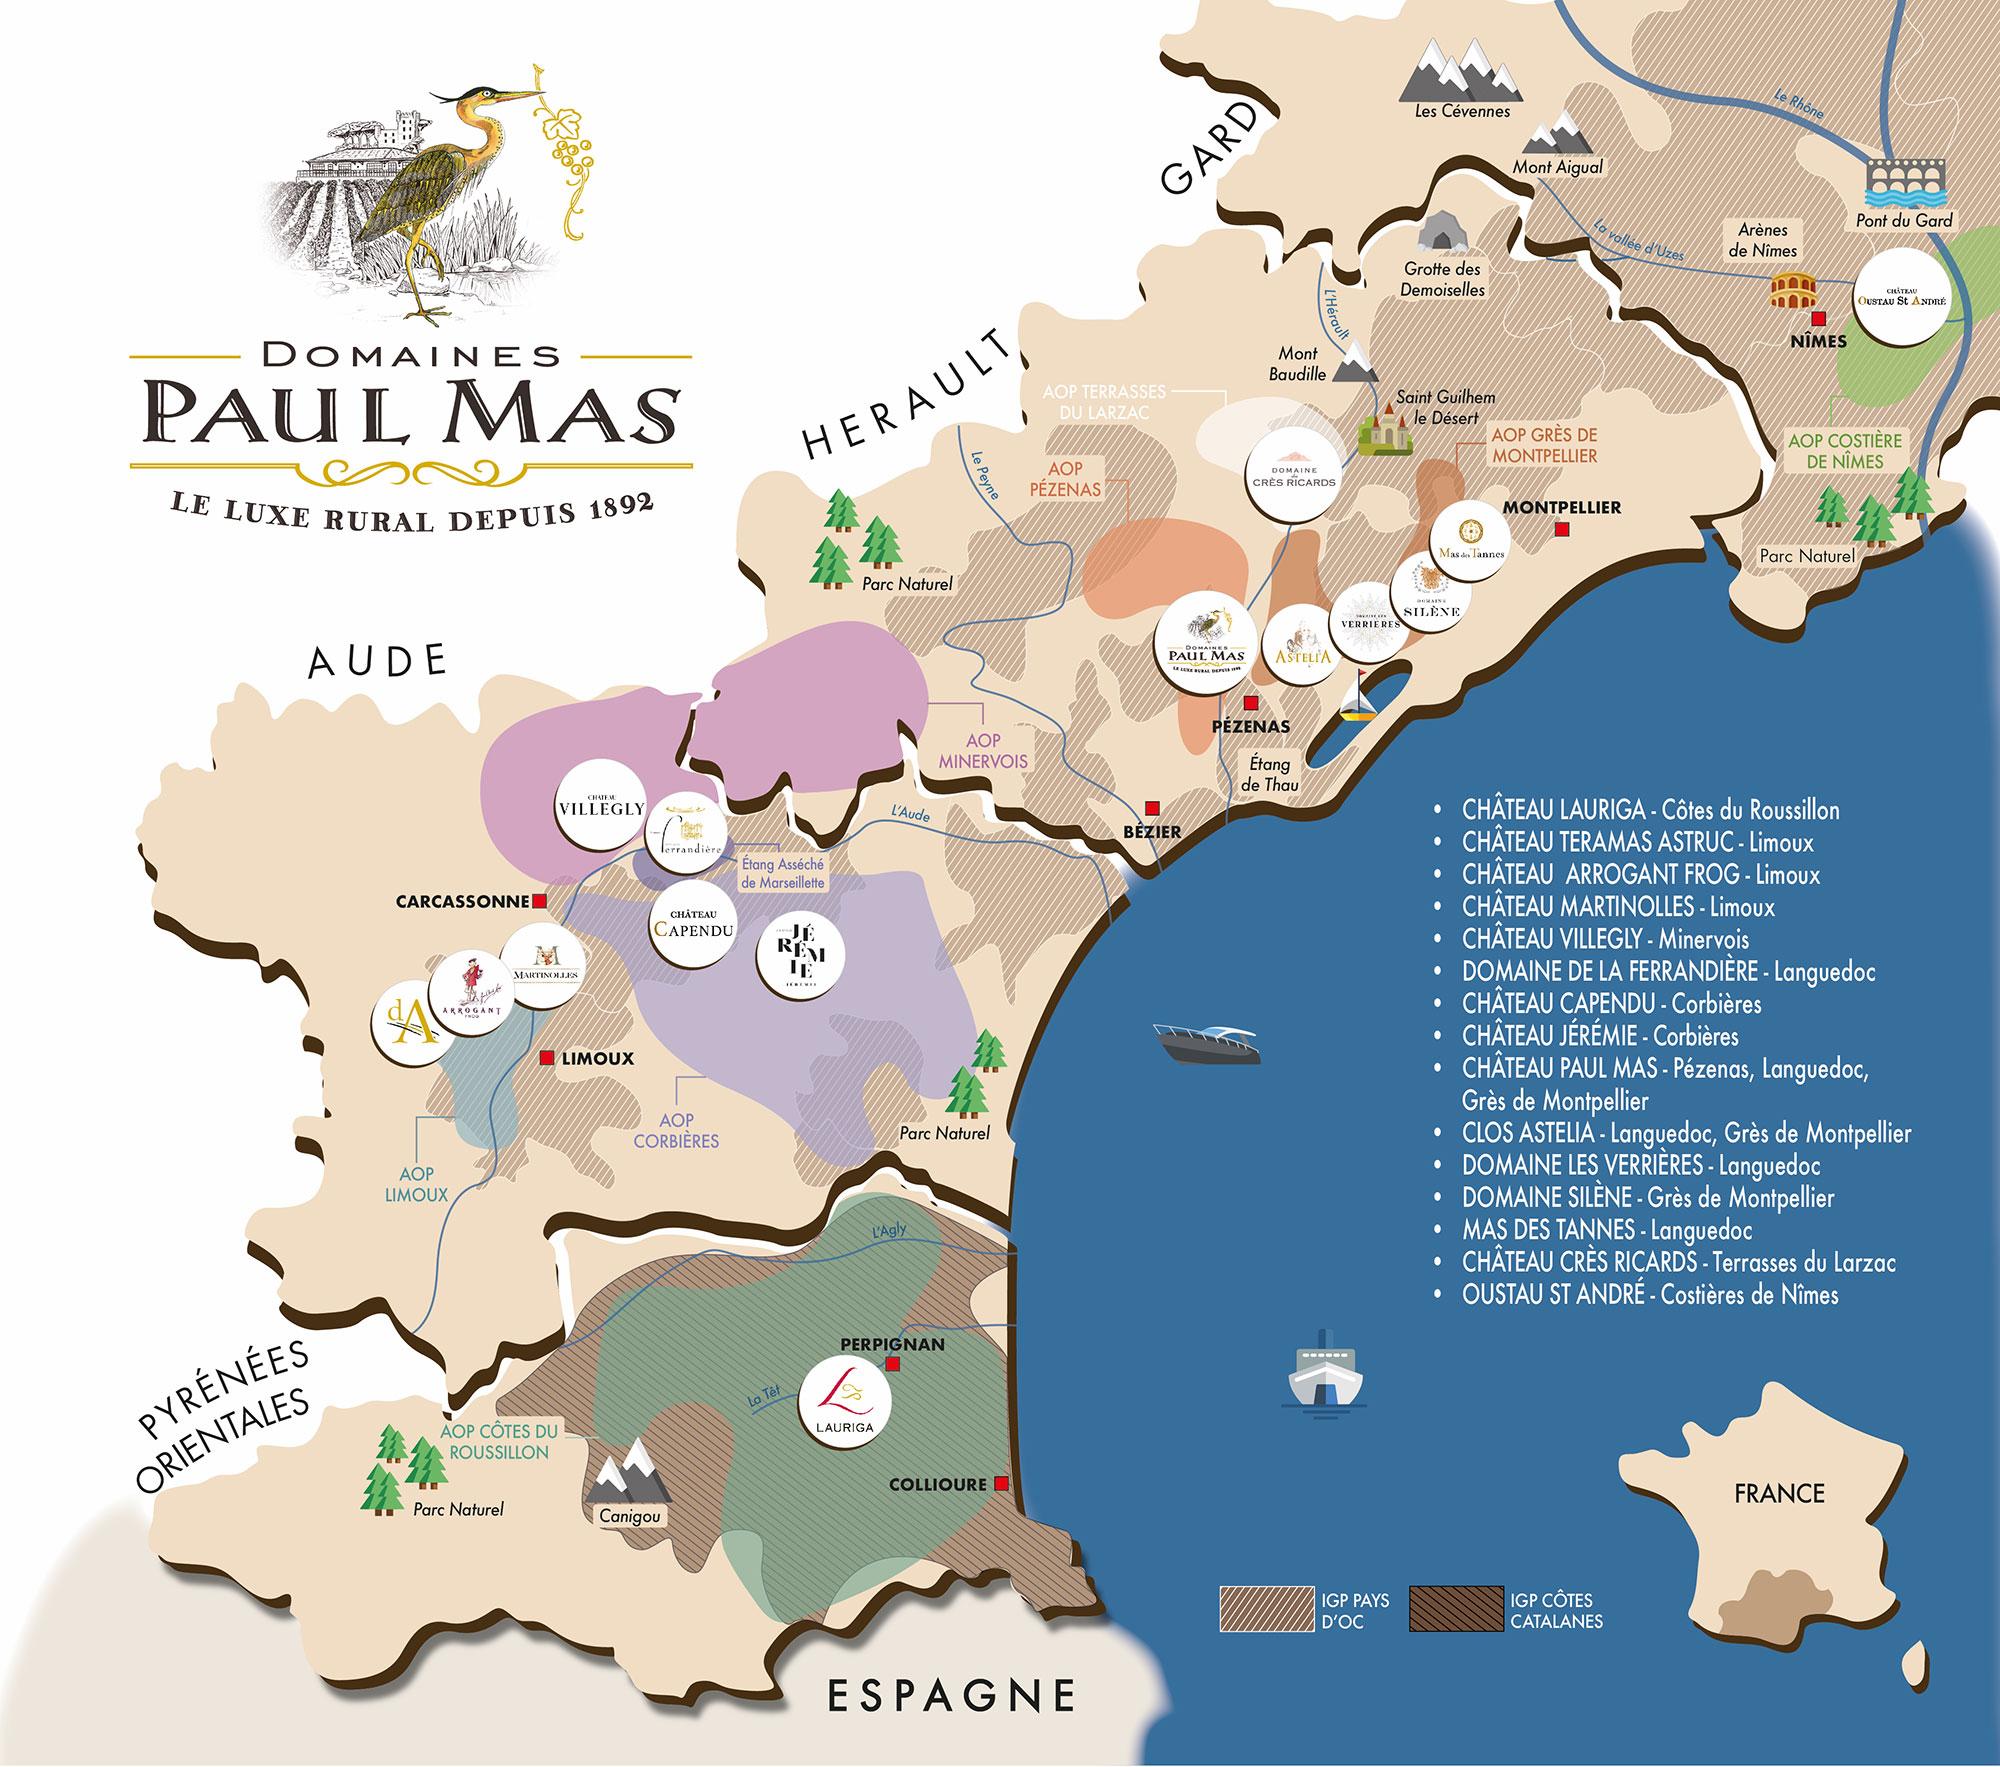 Carte des Domaines Paul Mas en Languedoc